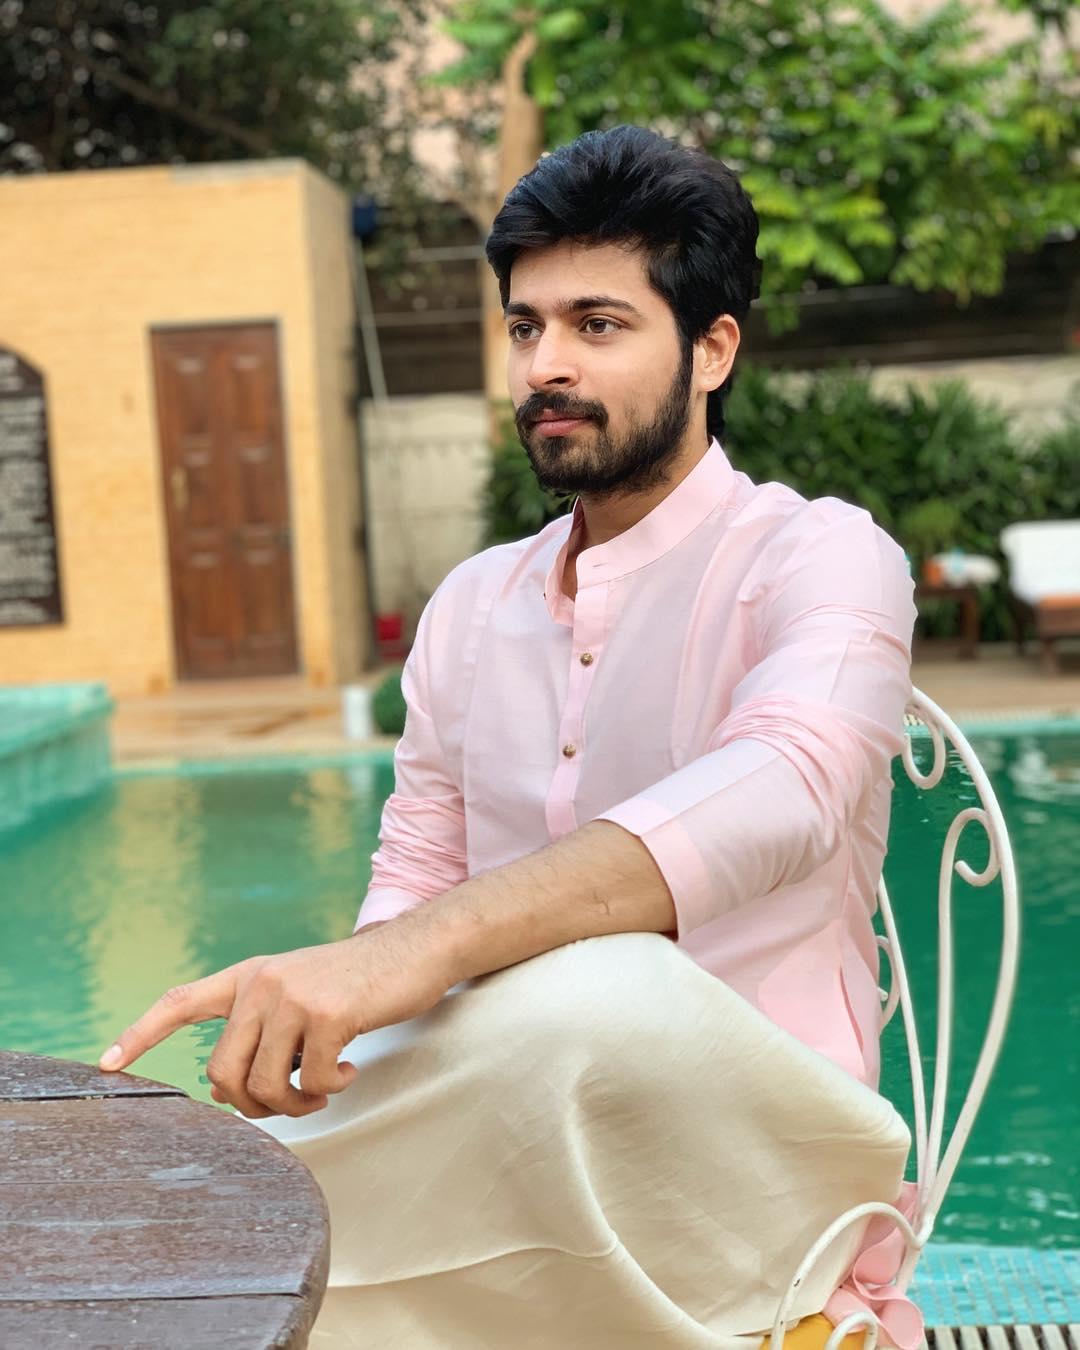 நடிகர் ஹரிஷ் கல்யாண். (image: instagram)